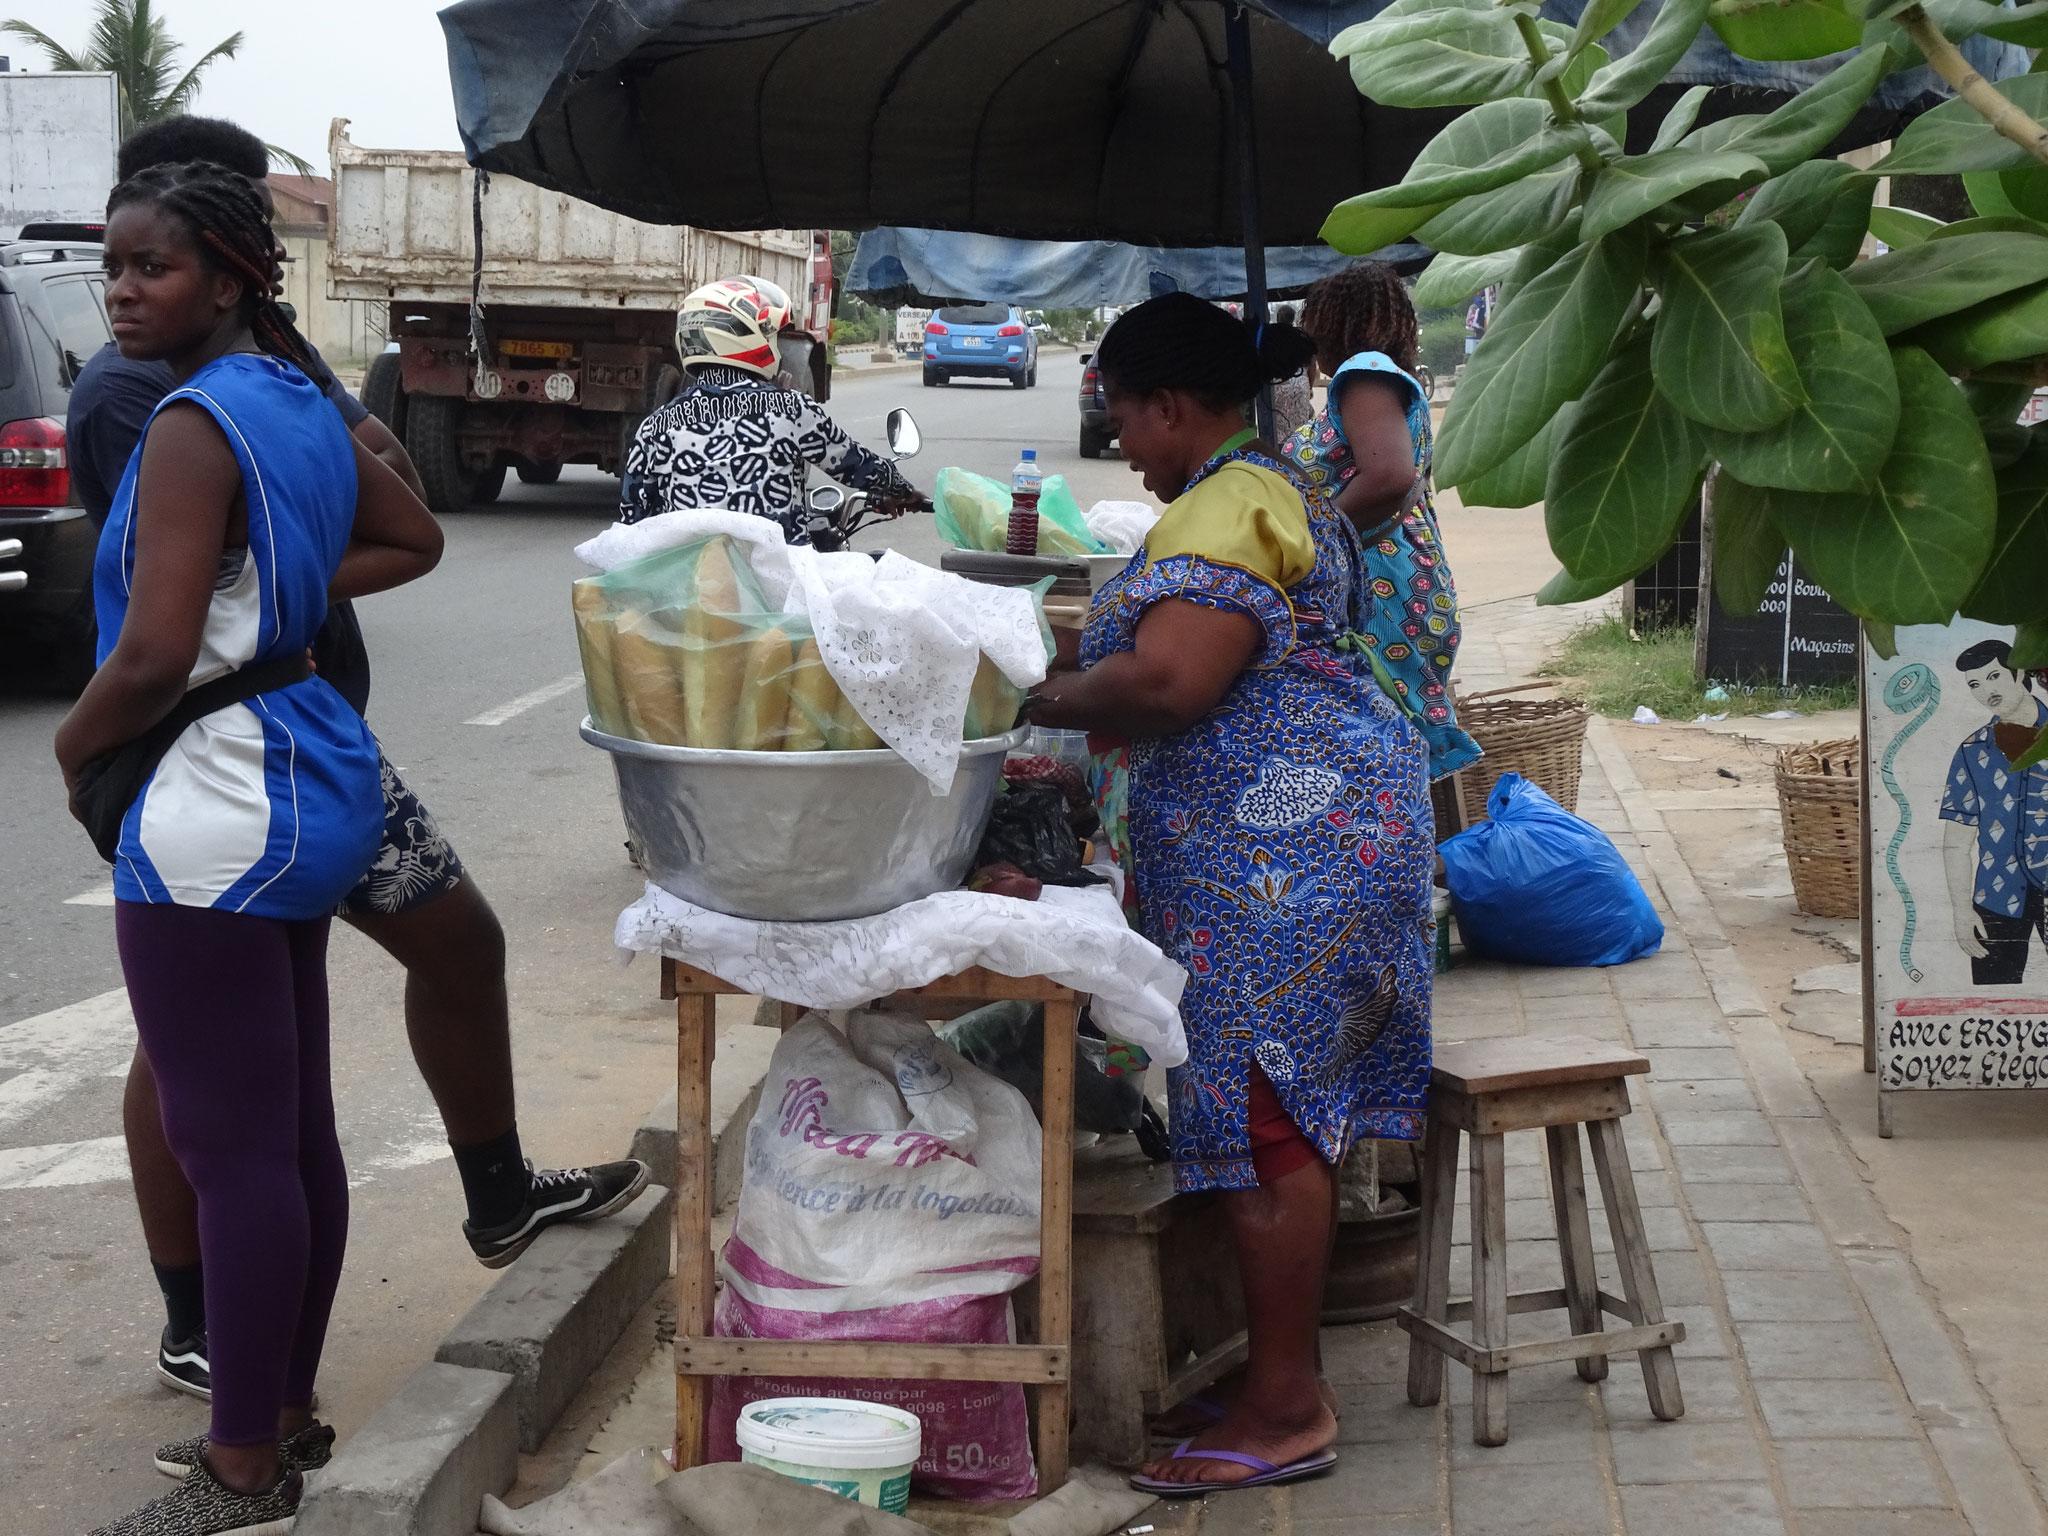 Kunden der Brotverkäuferin müssen sich auf die Strasse stellen. Nicht ganz ungefährlich.